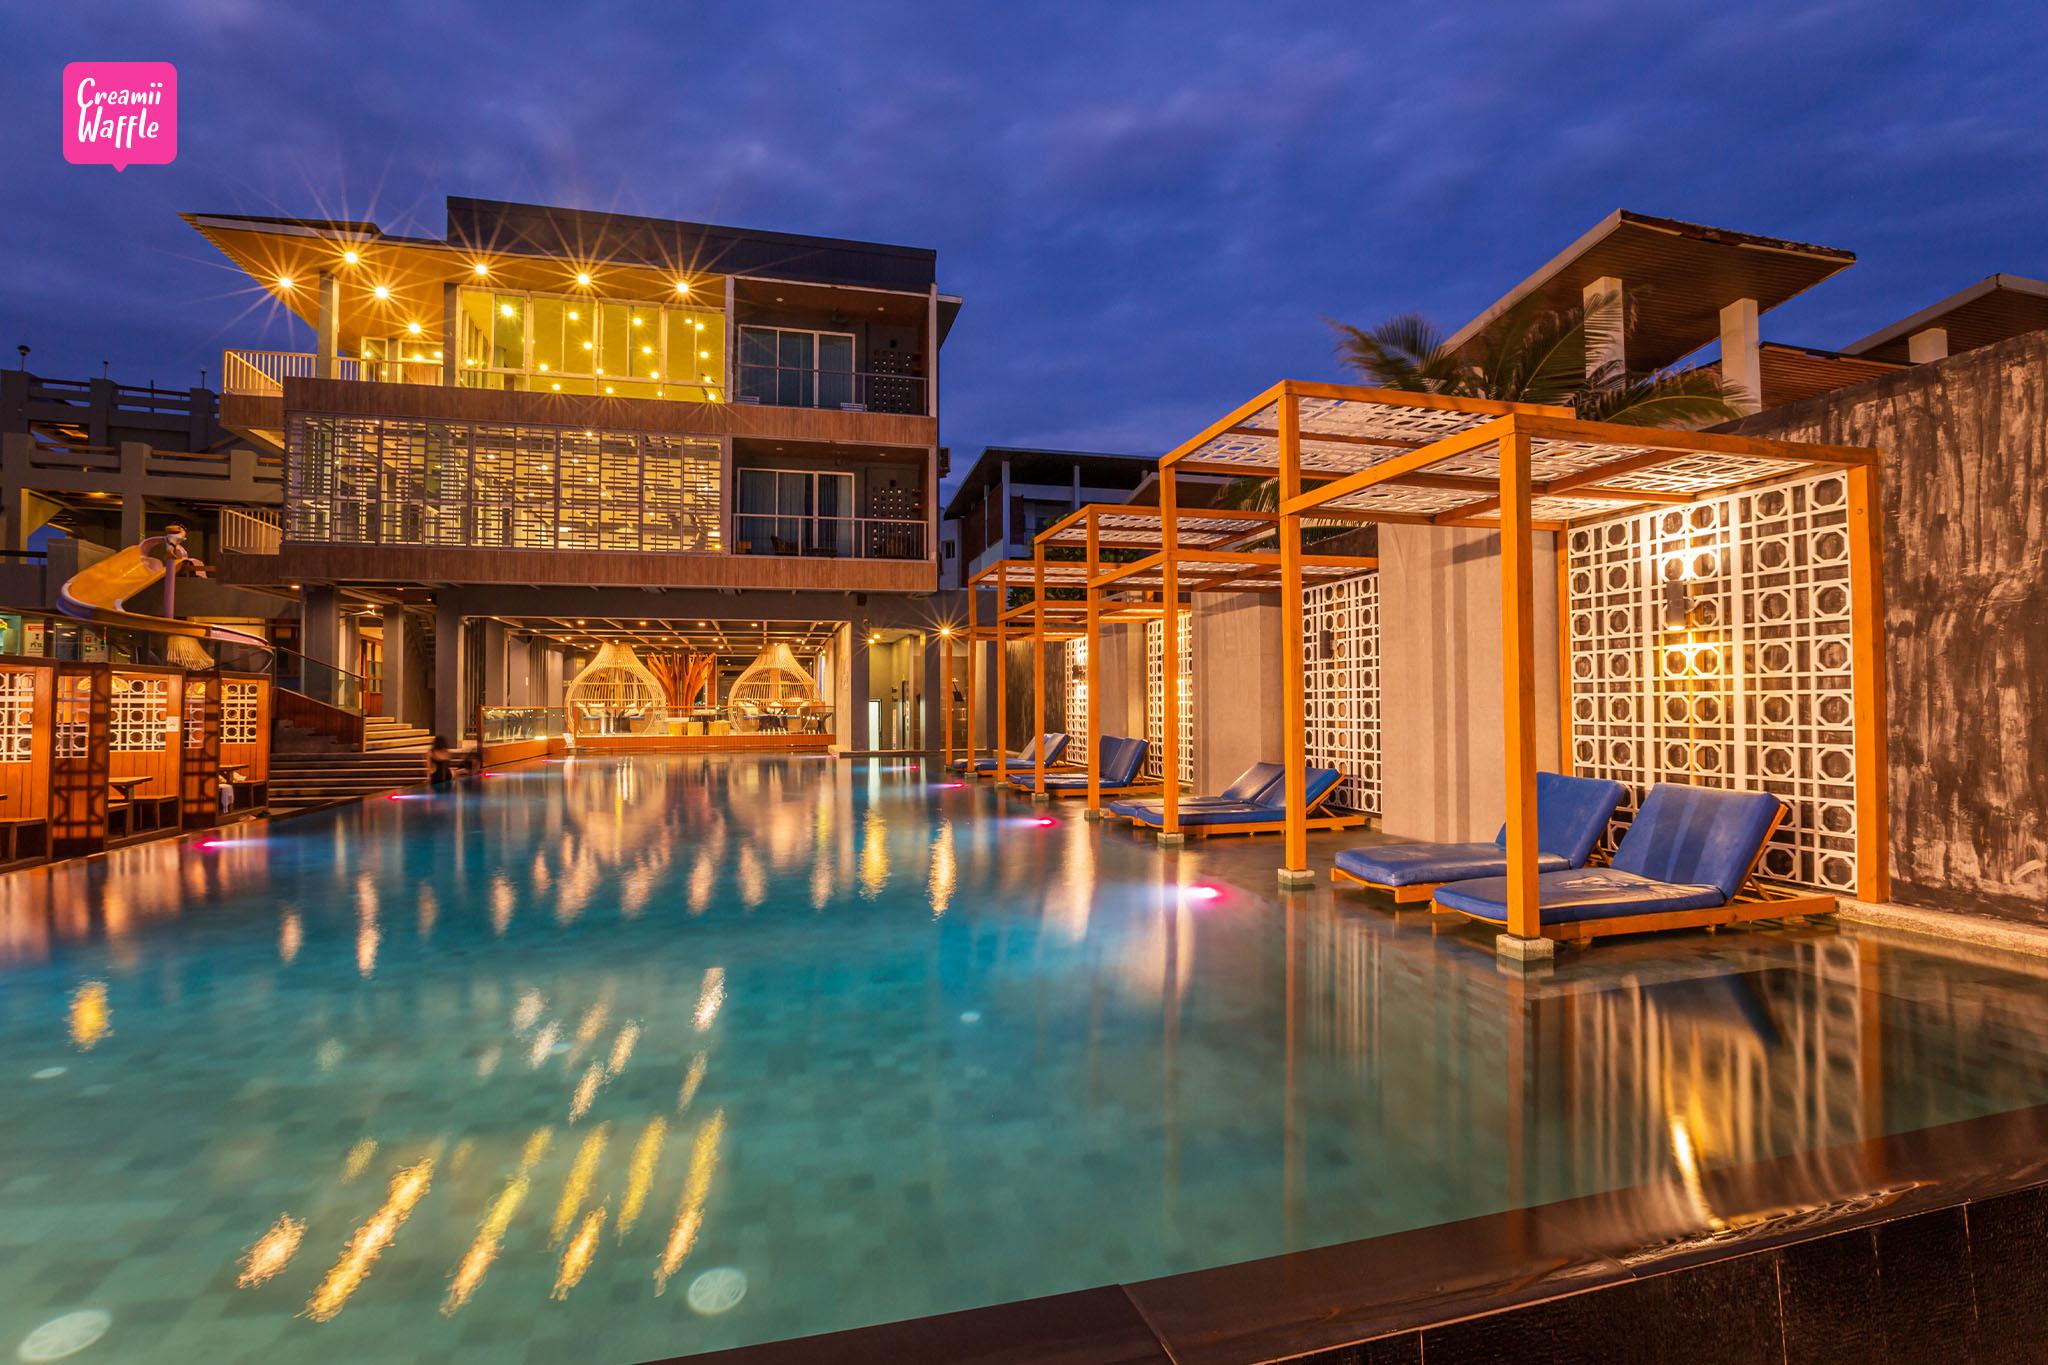 โรงแรม จันทบุรี มัลดีฟส์ บีช รีสอร์ท